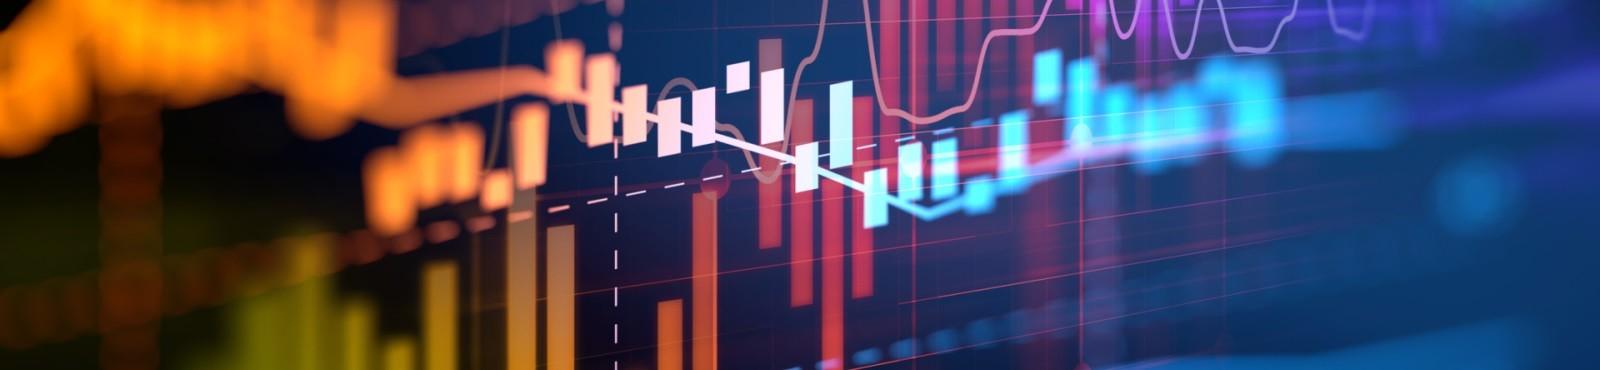 Оценка стоимости облигаций